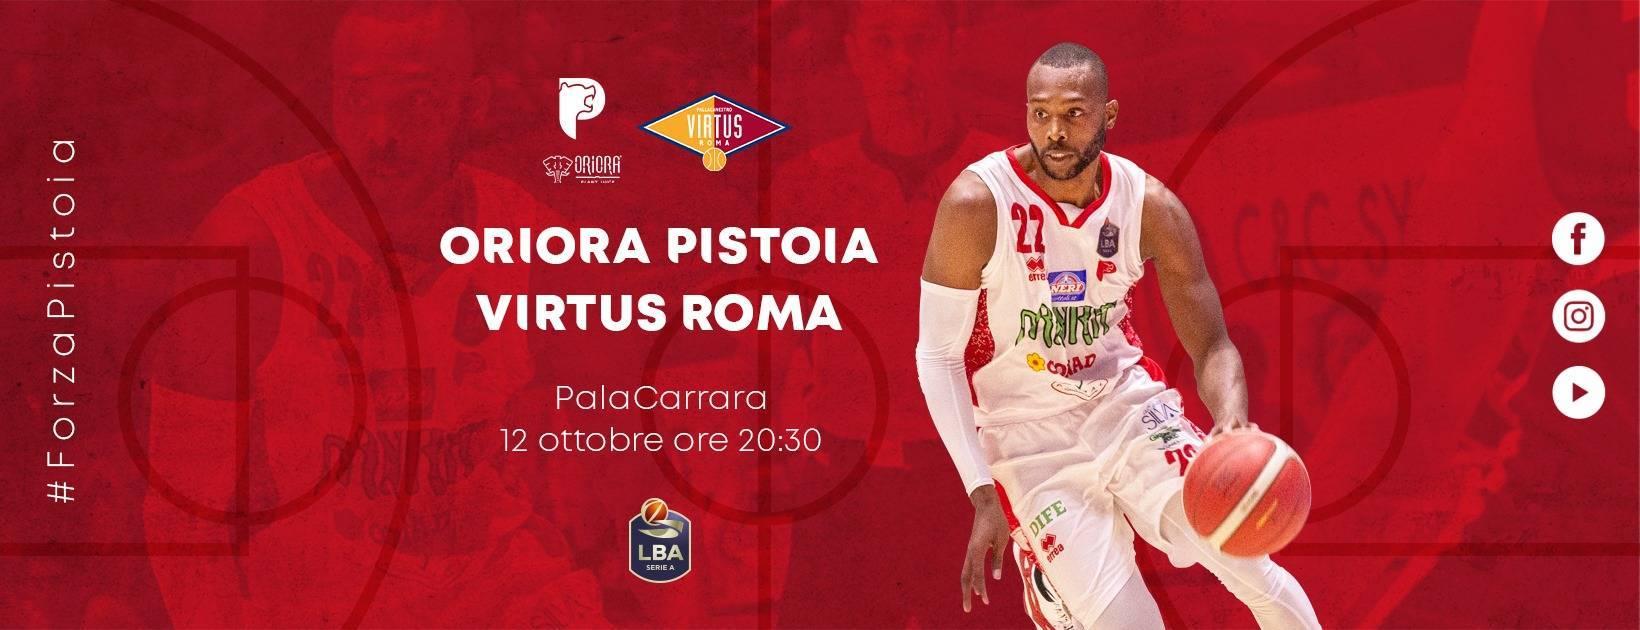 Legabasket LBA 4^giornata 2019-20: al PalaCarrara sabato 12 ottobre c'è Pistoia vs Virtus Roma, che gara sarà?